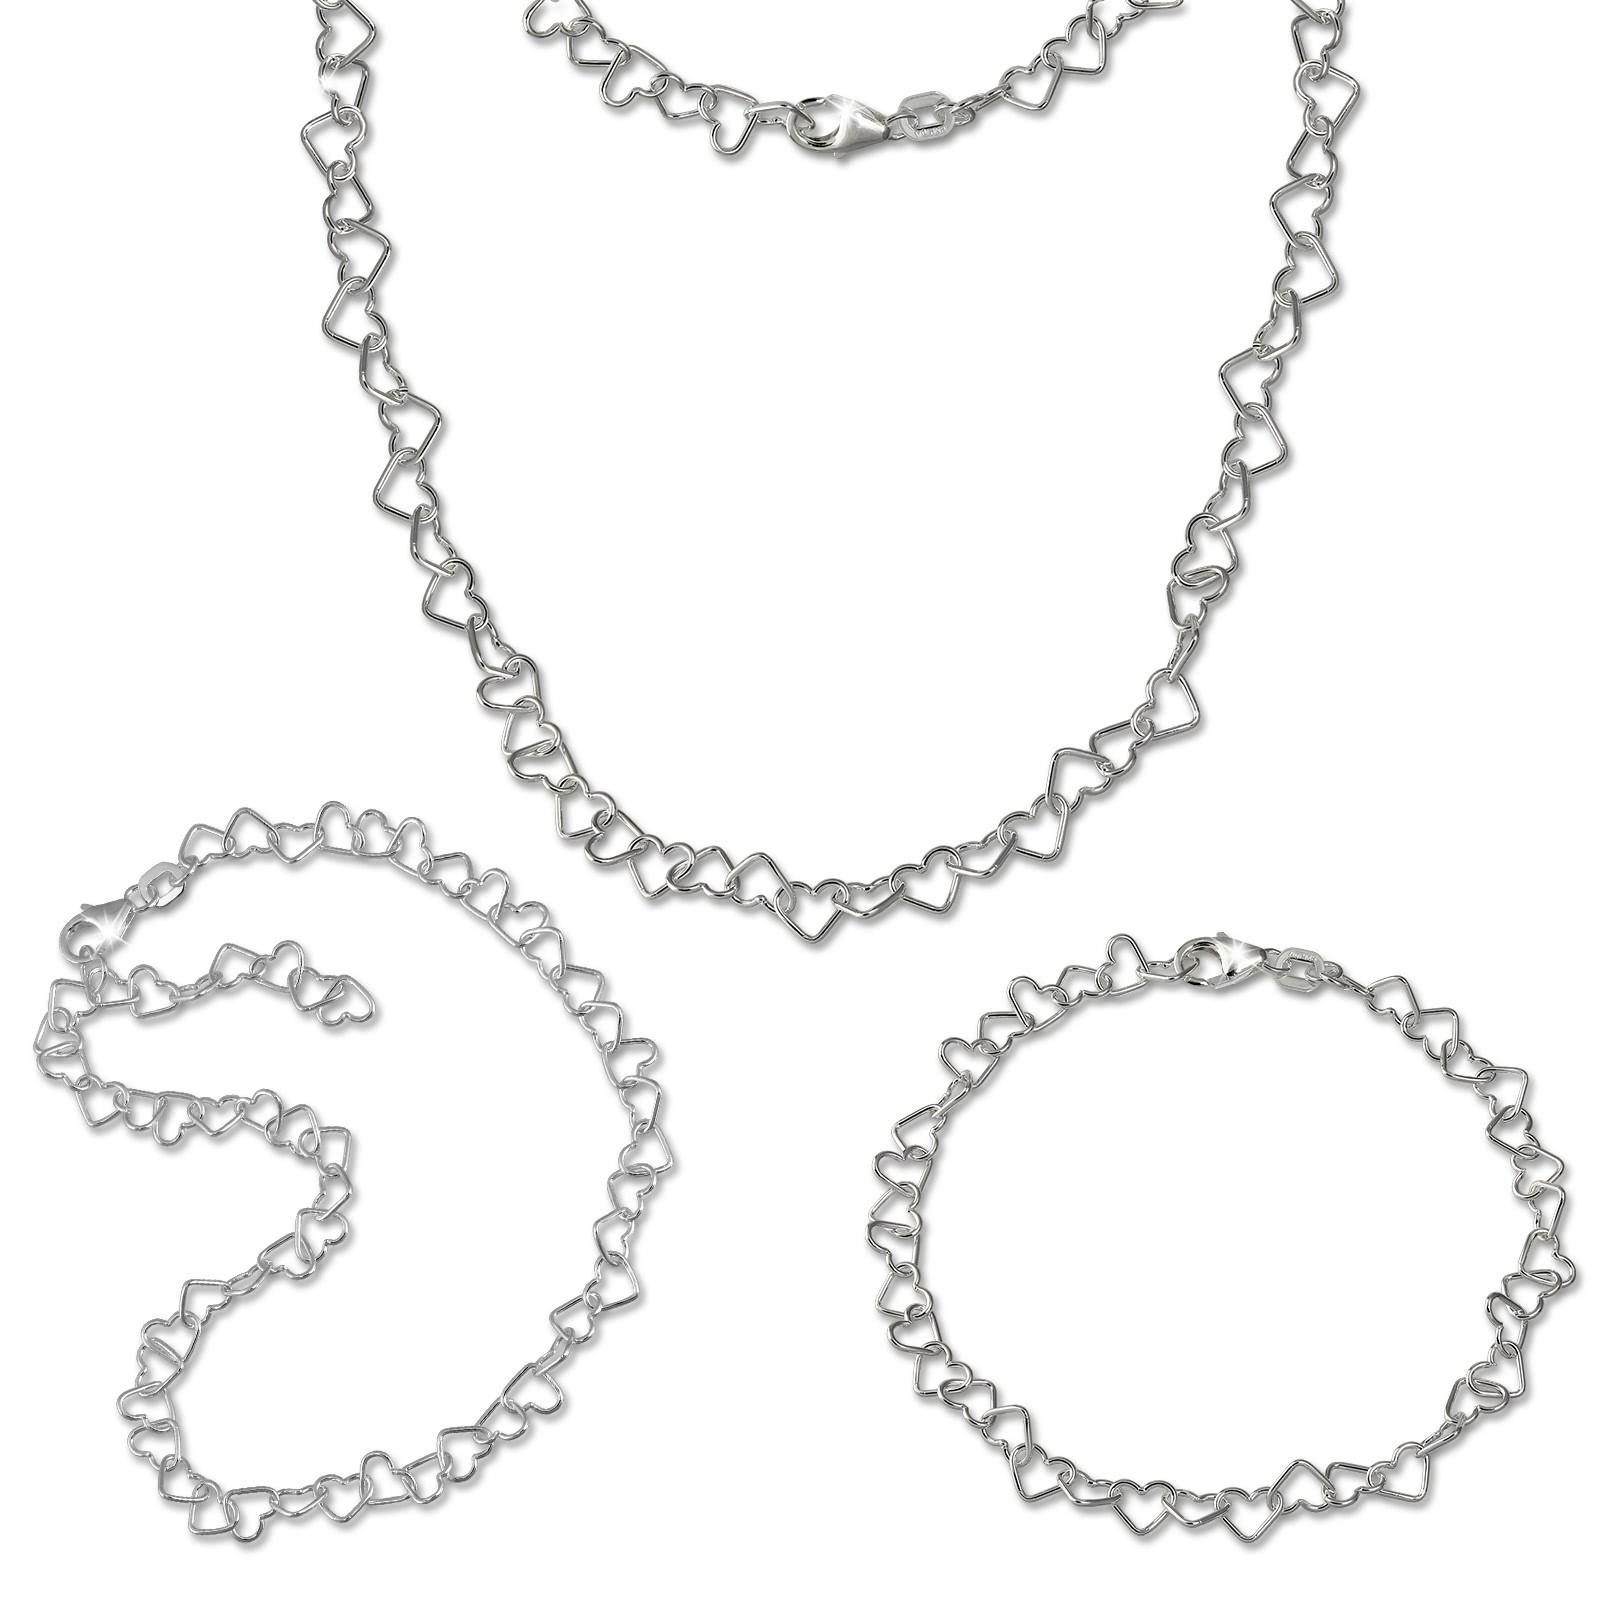 SilberDream Schmuckset Herz Fußkette & Kette & Armband 925 Silber SDS2204J